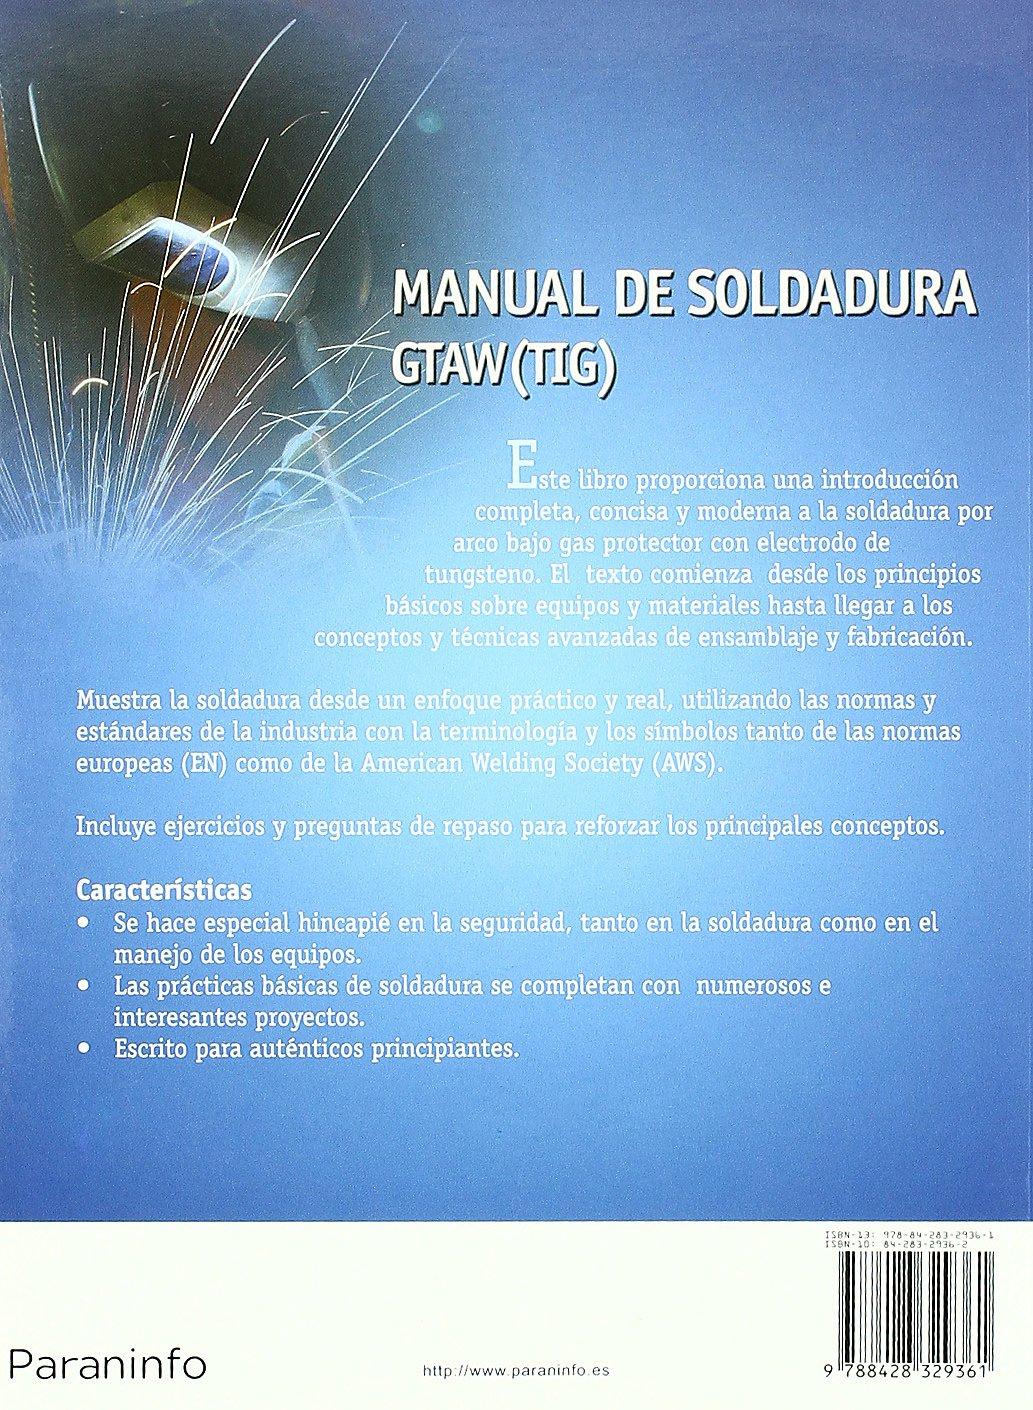 Manual de soldadura GTAW (TIG) (Metal Y Mecanizado): Amazon.es: LARRY JEFFUS : Libros